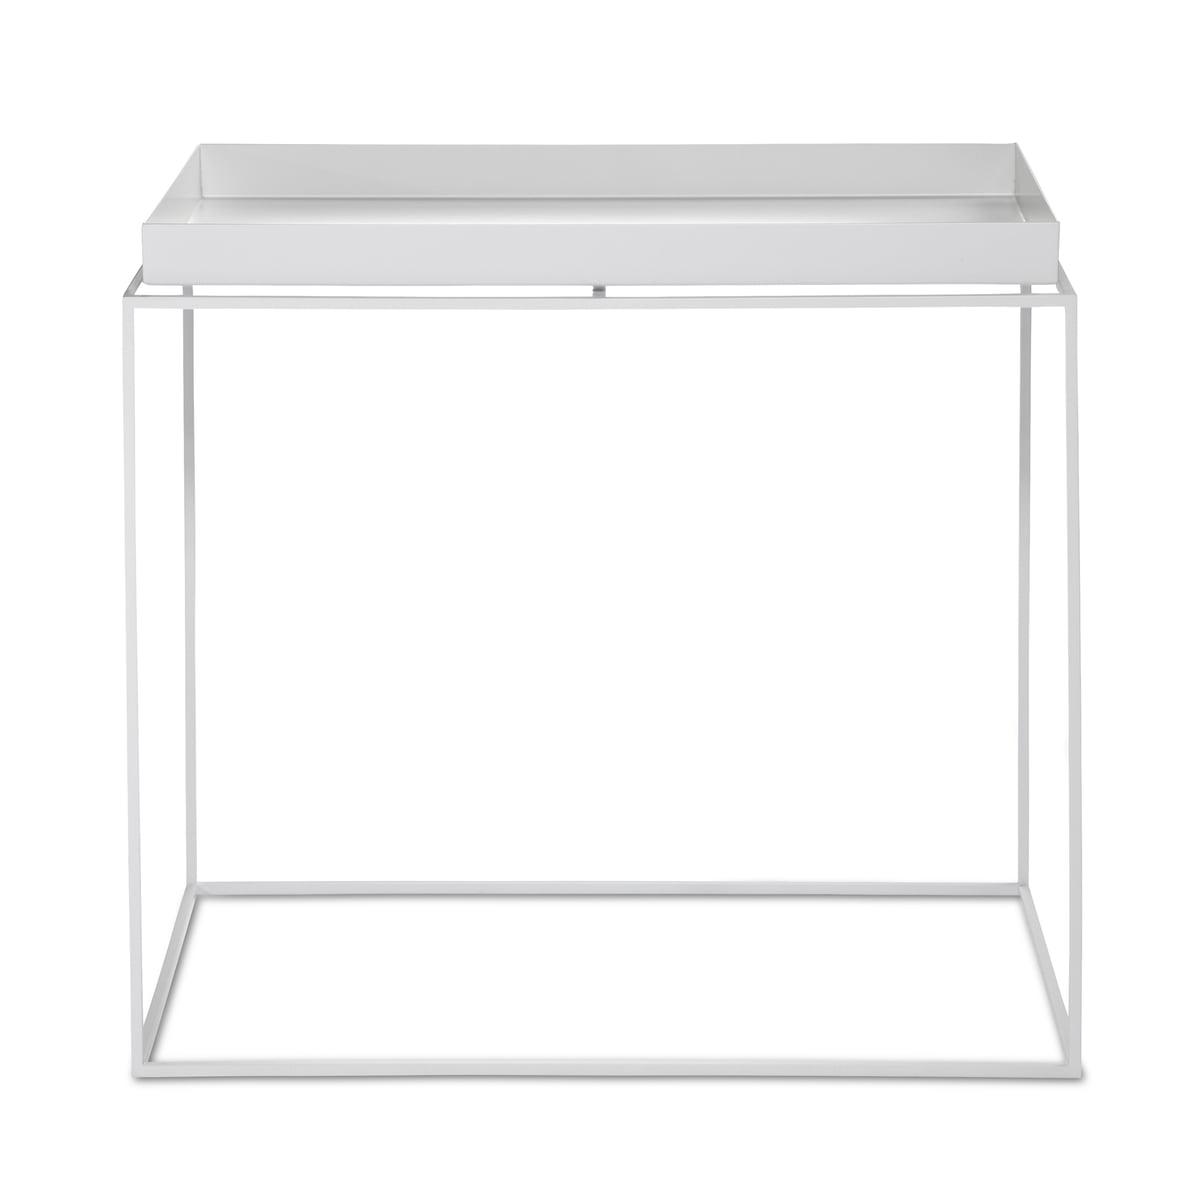 Tray table white 40x60